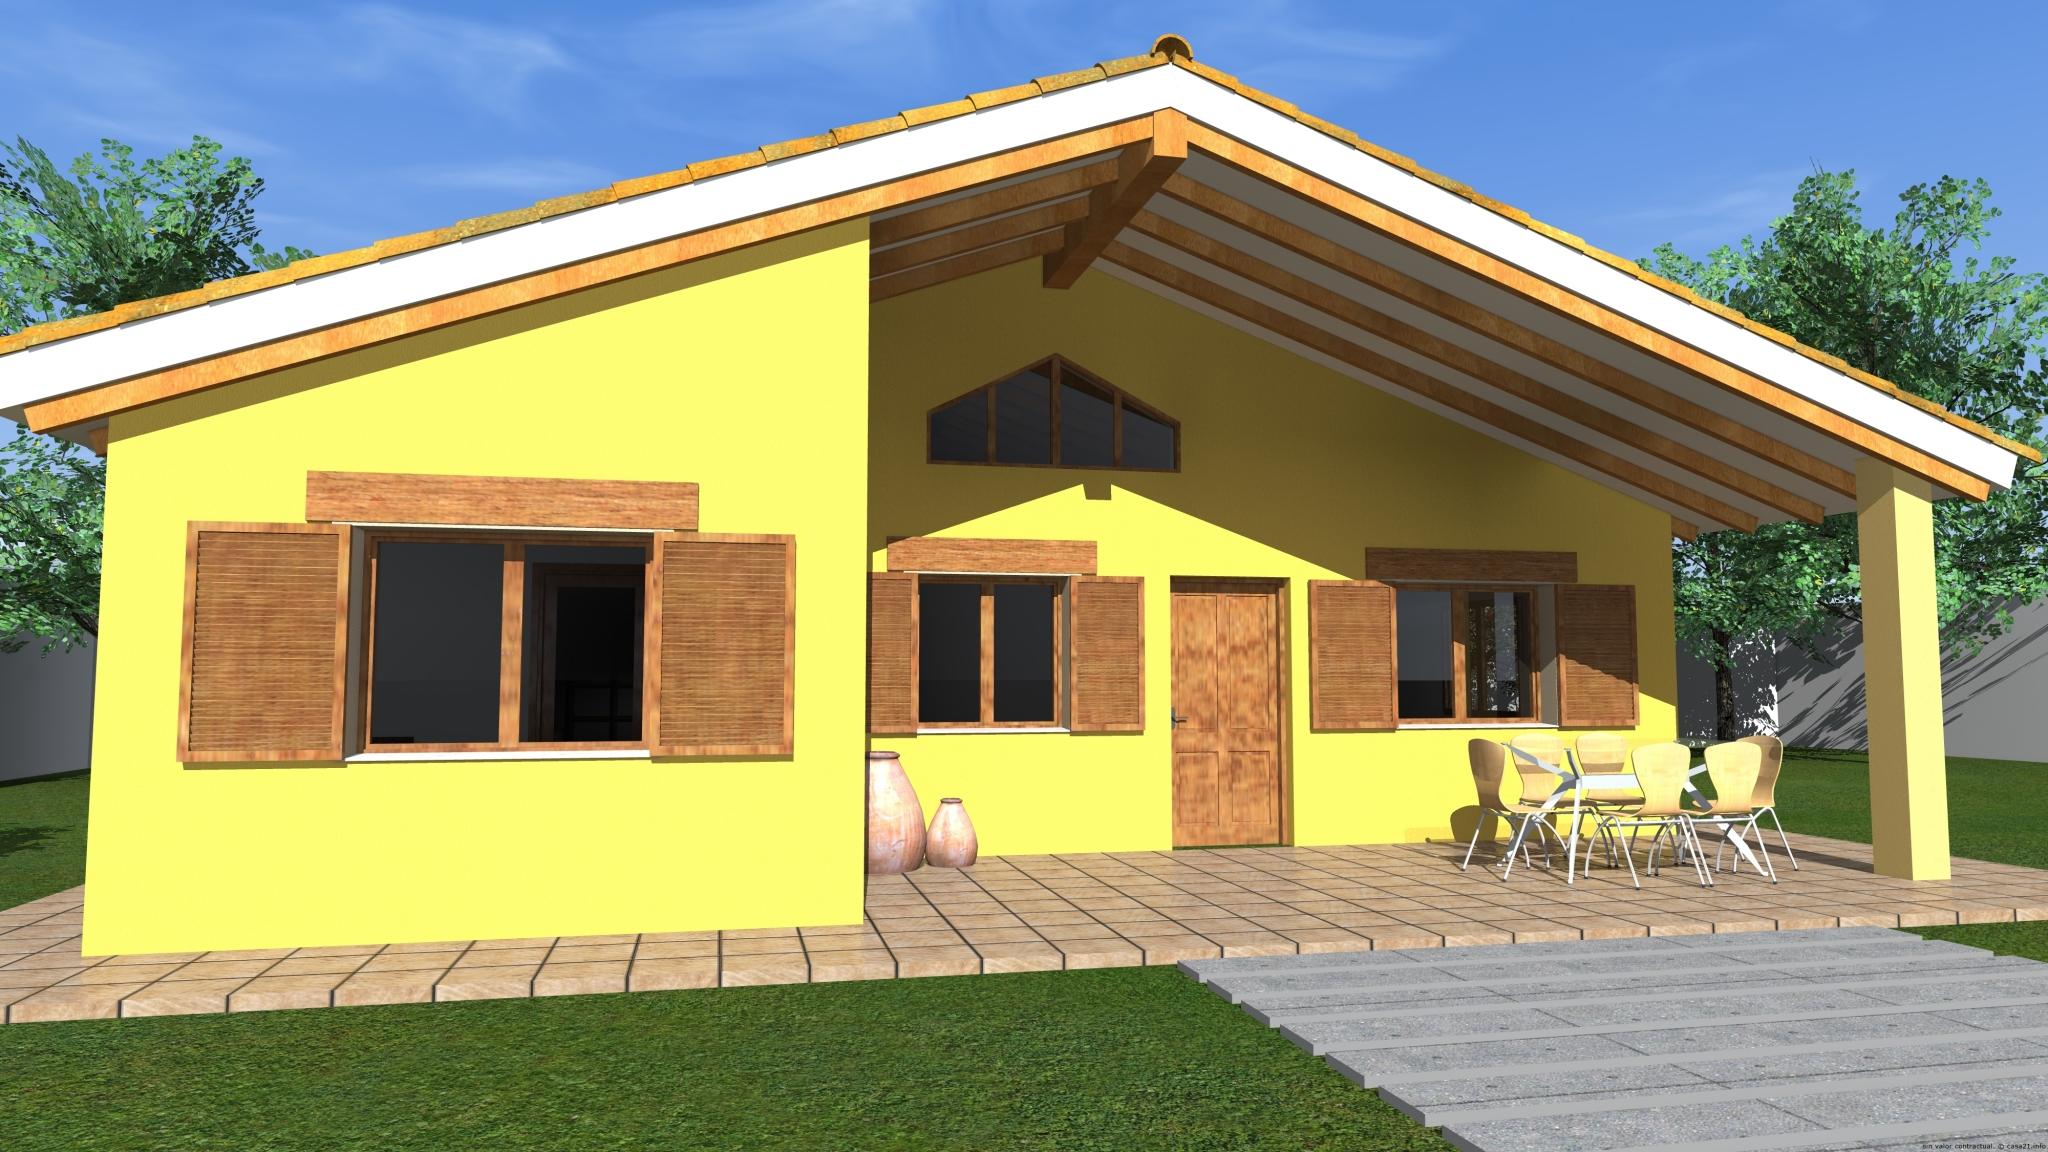 Casa siena construcci n casa dos aguas for Opciones de techos para casas